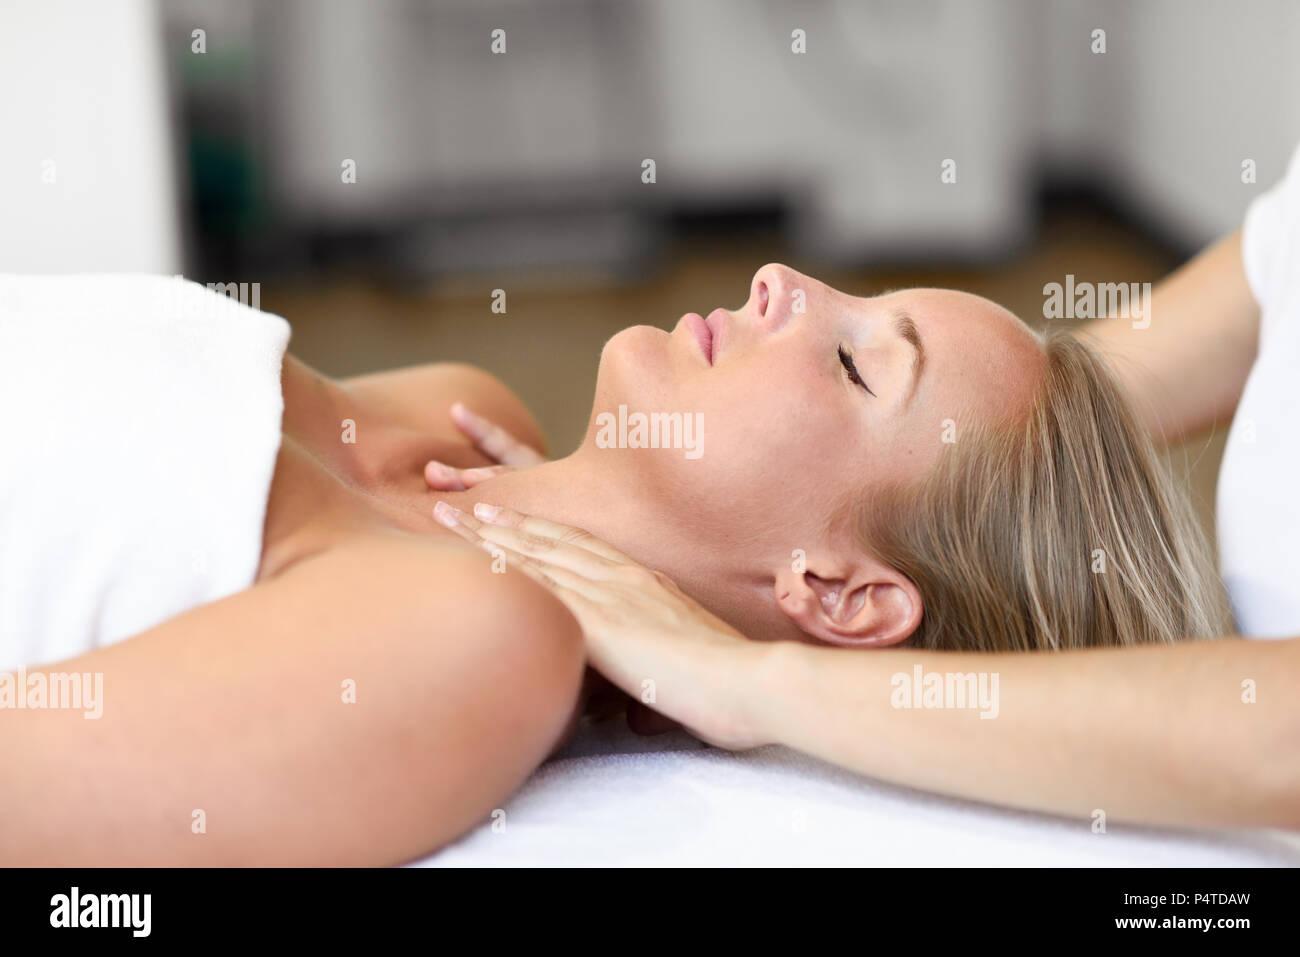 Junge blonde Frau mit einem Kopf Massage im Spa Center mit geschlossenen Augen. Weibliche Patienten ist, die Behandlung von professionellen Therapeuten. Stockfoto